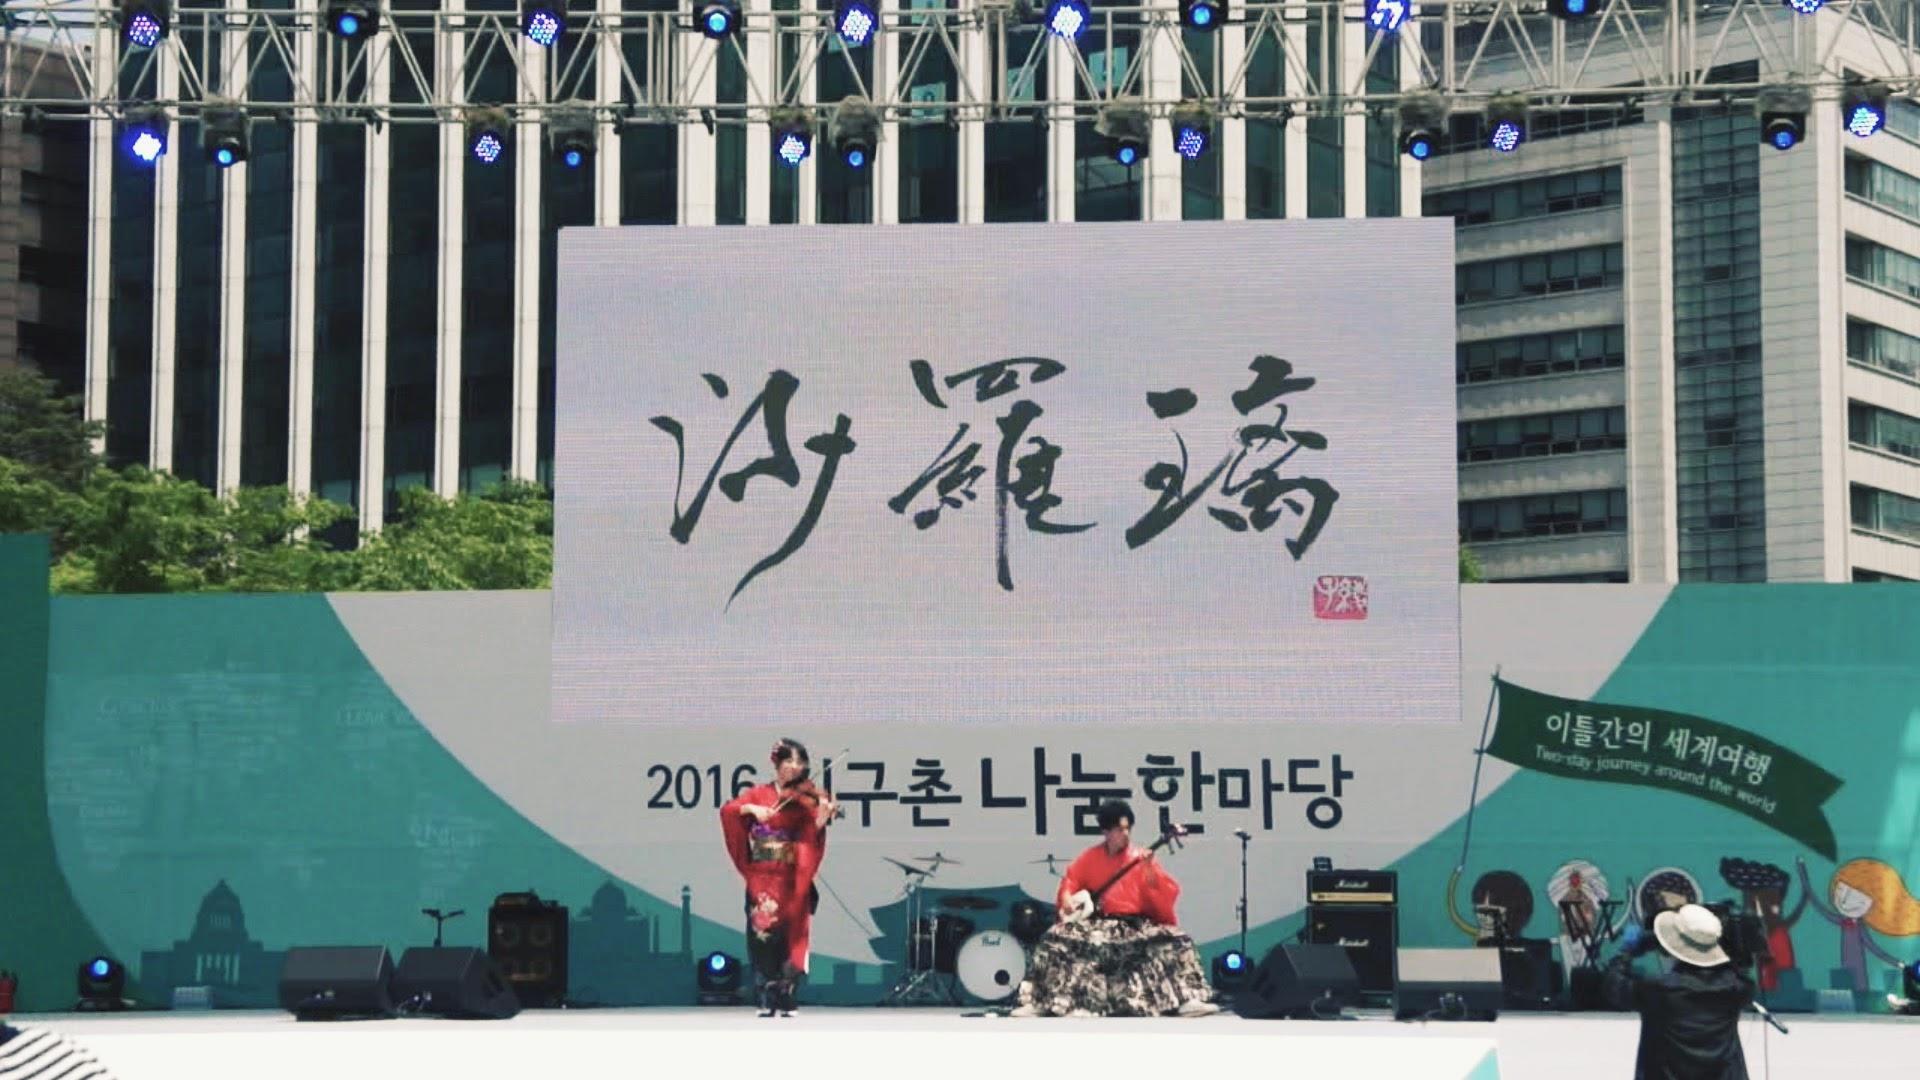 韓国・ソウルフレンドシップフェア2016